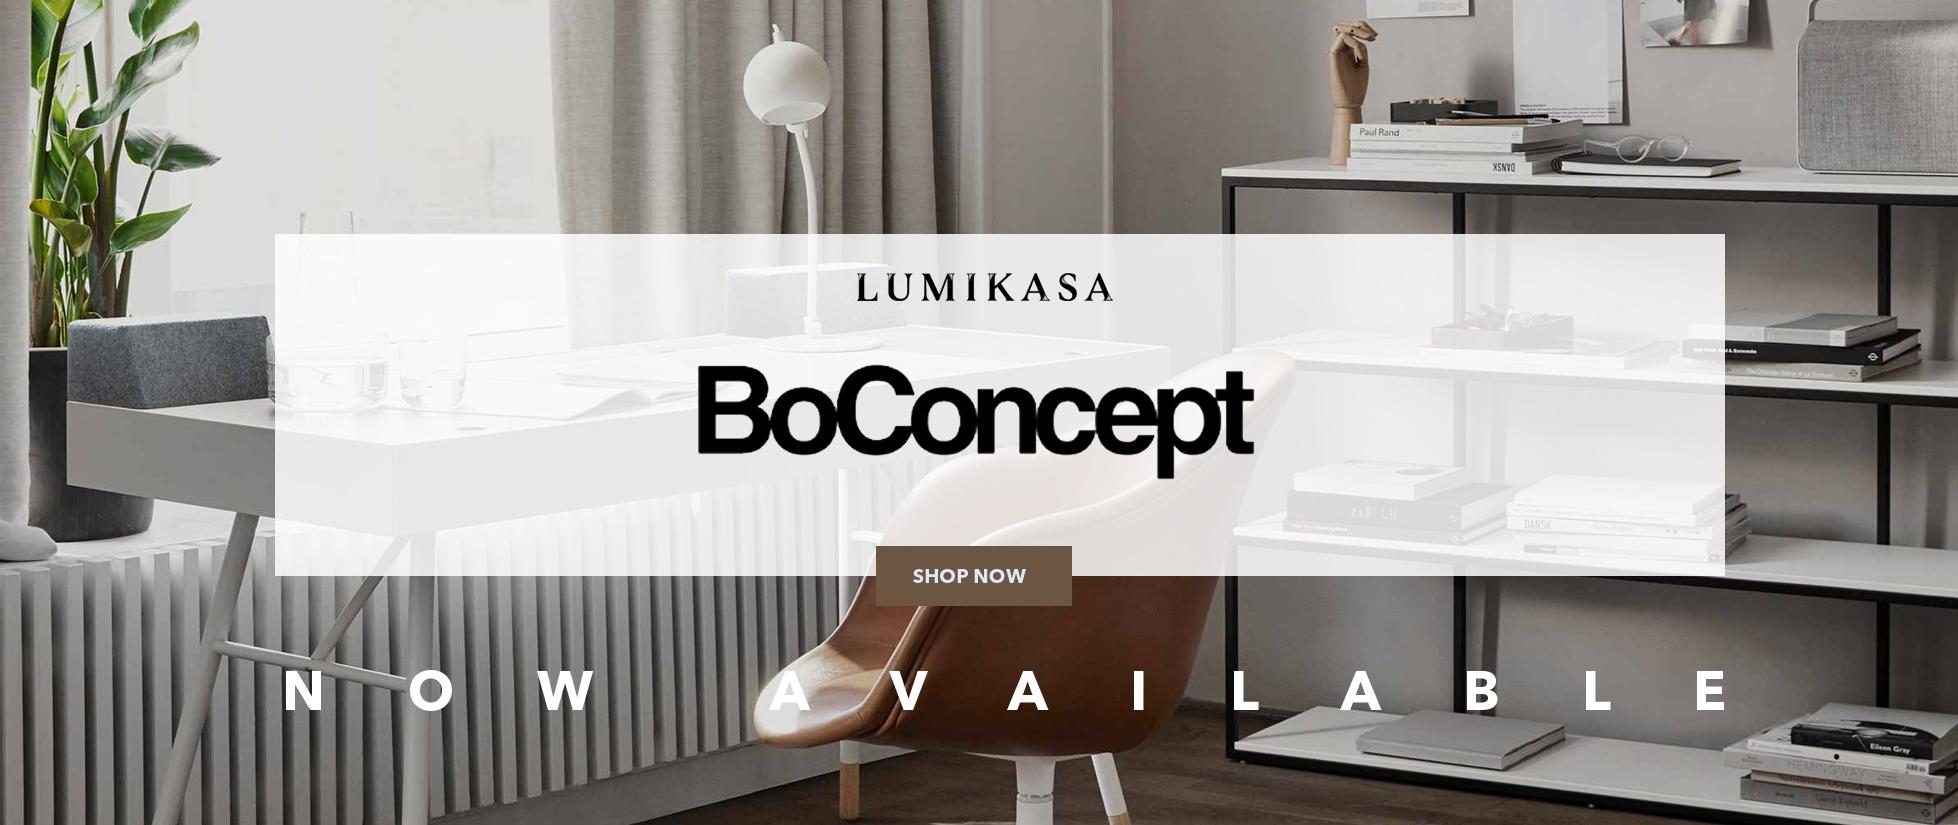 armoire boconcept interesting interior design modern beds. Black Bedroom Furniture Sets. Home Design Ideas